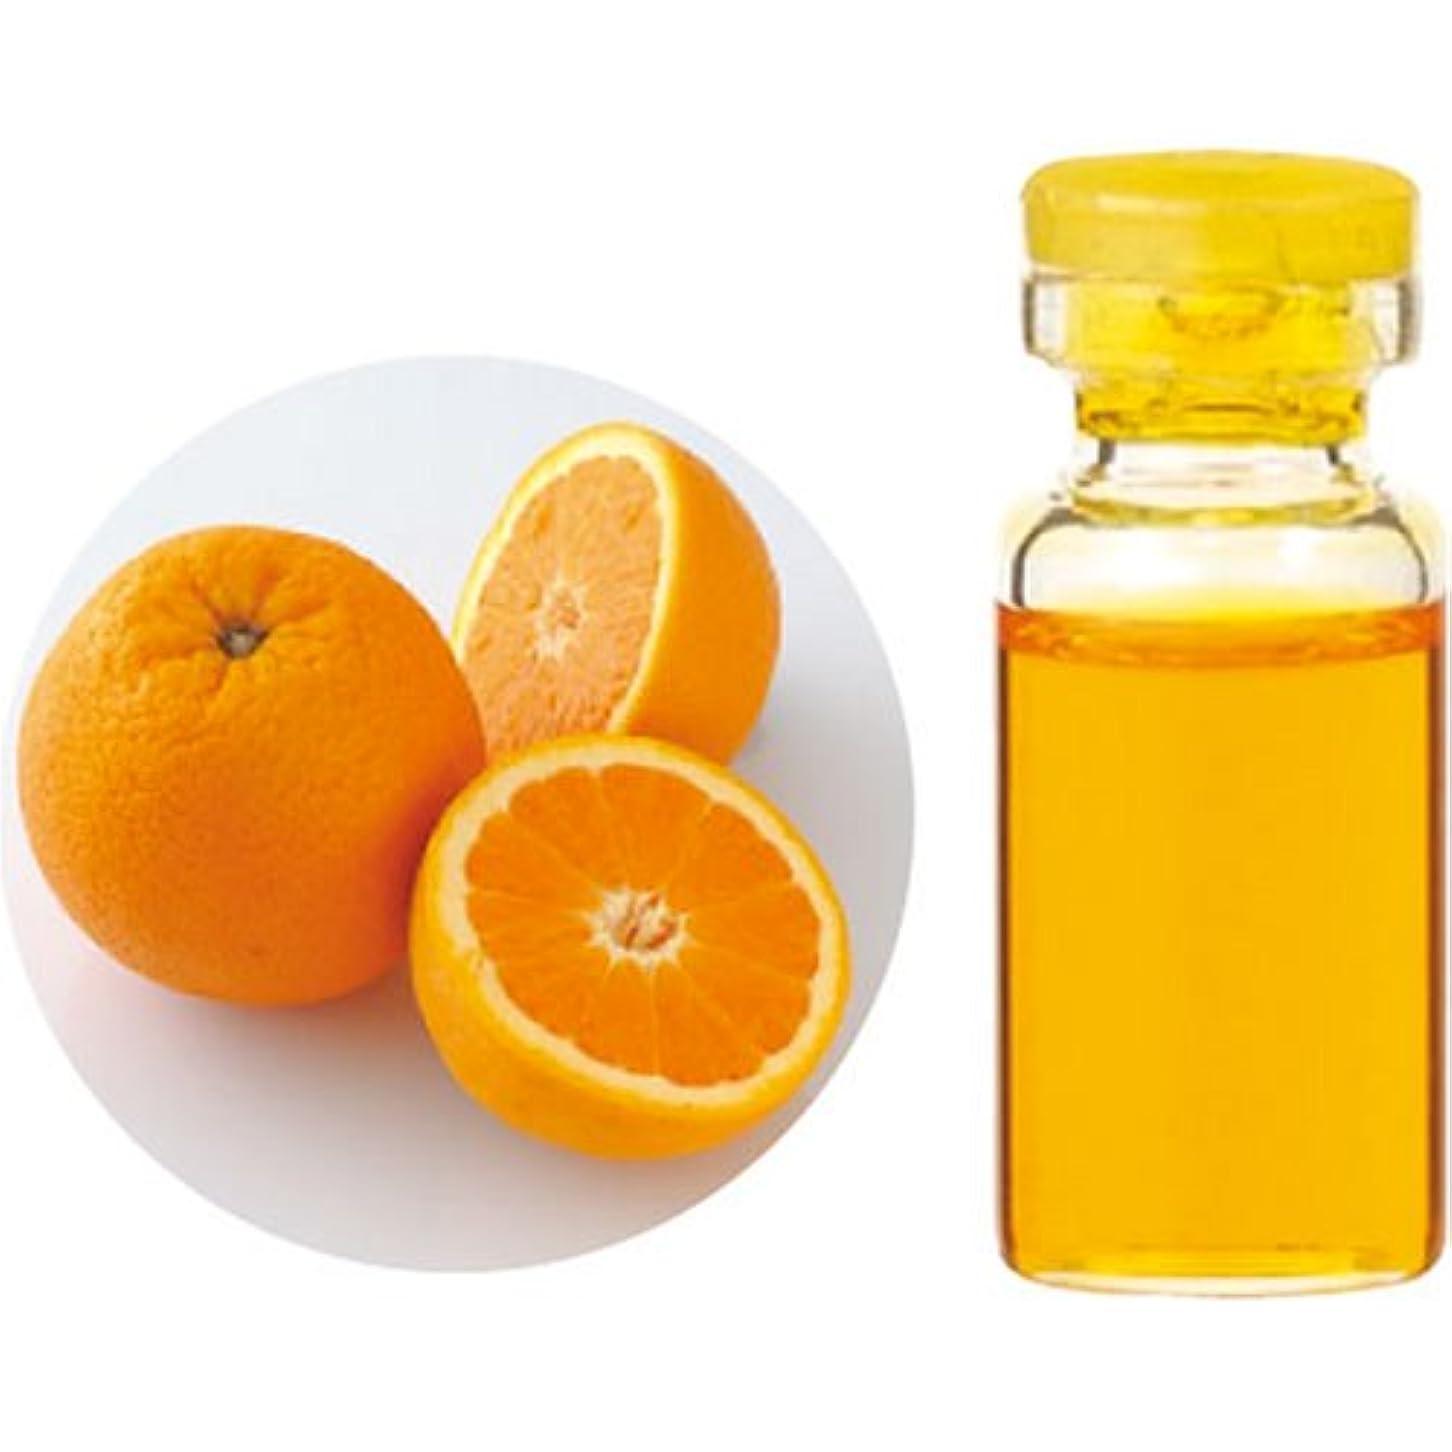 HerbalLife スィートオレンジ 10ml